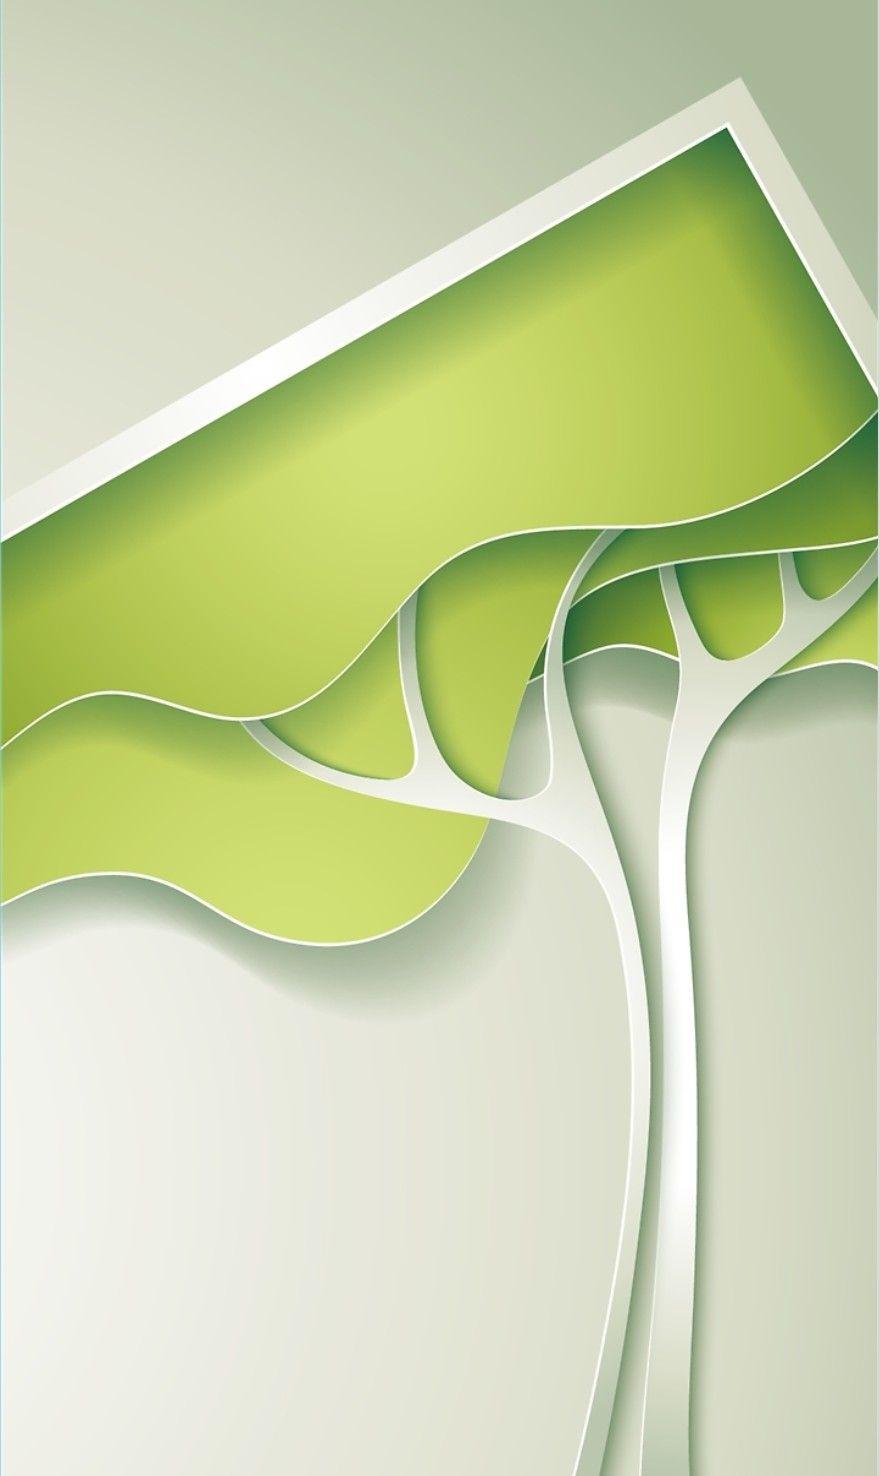 Abstract Tree Wallpaper Desain Buku Sampul Buku